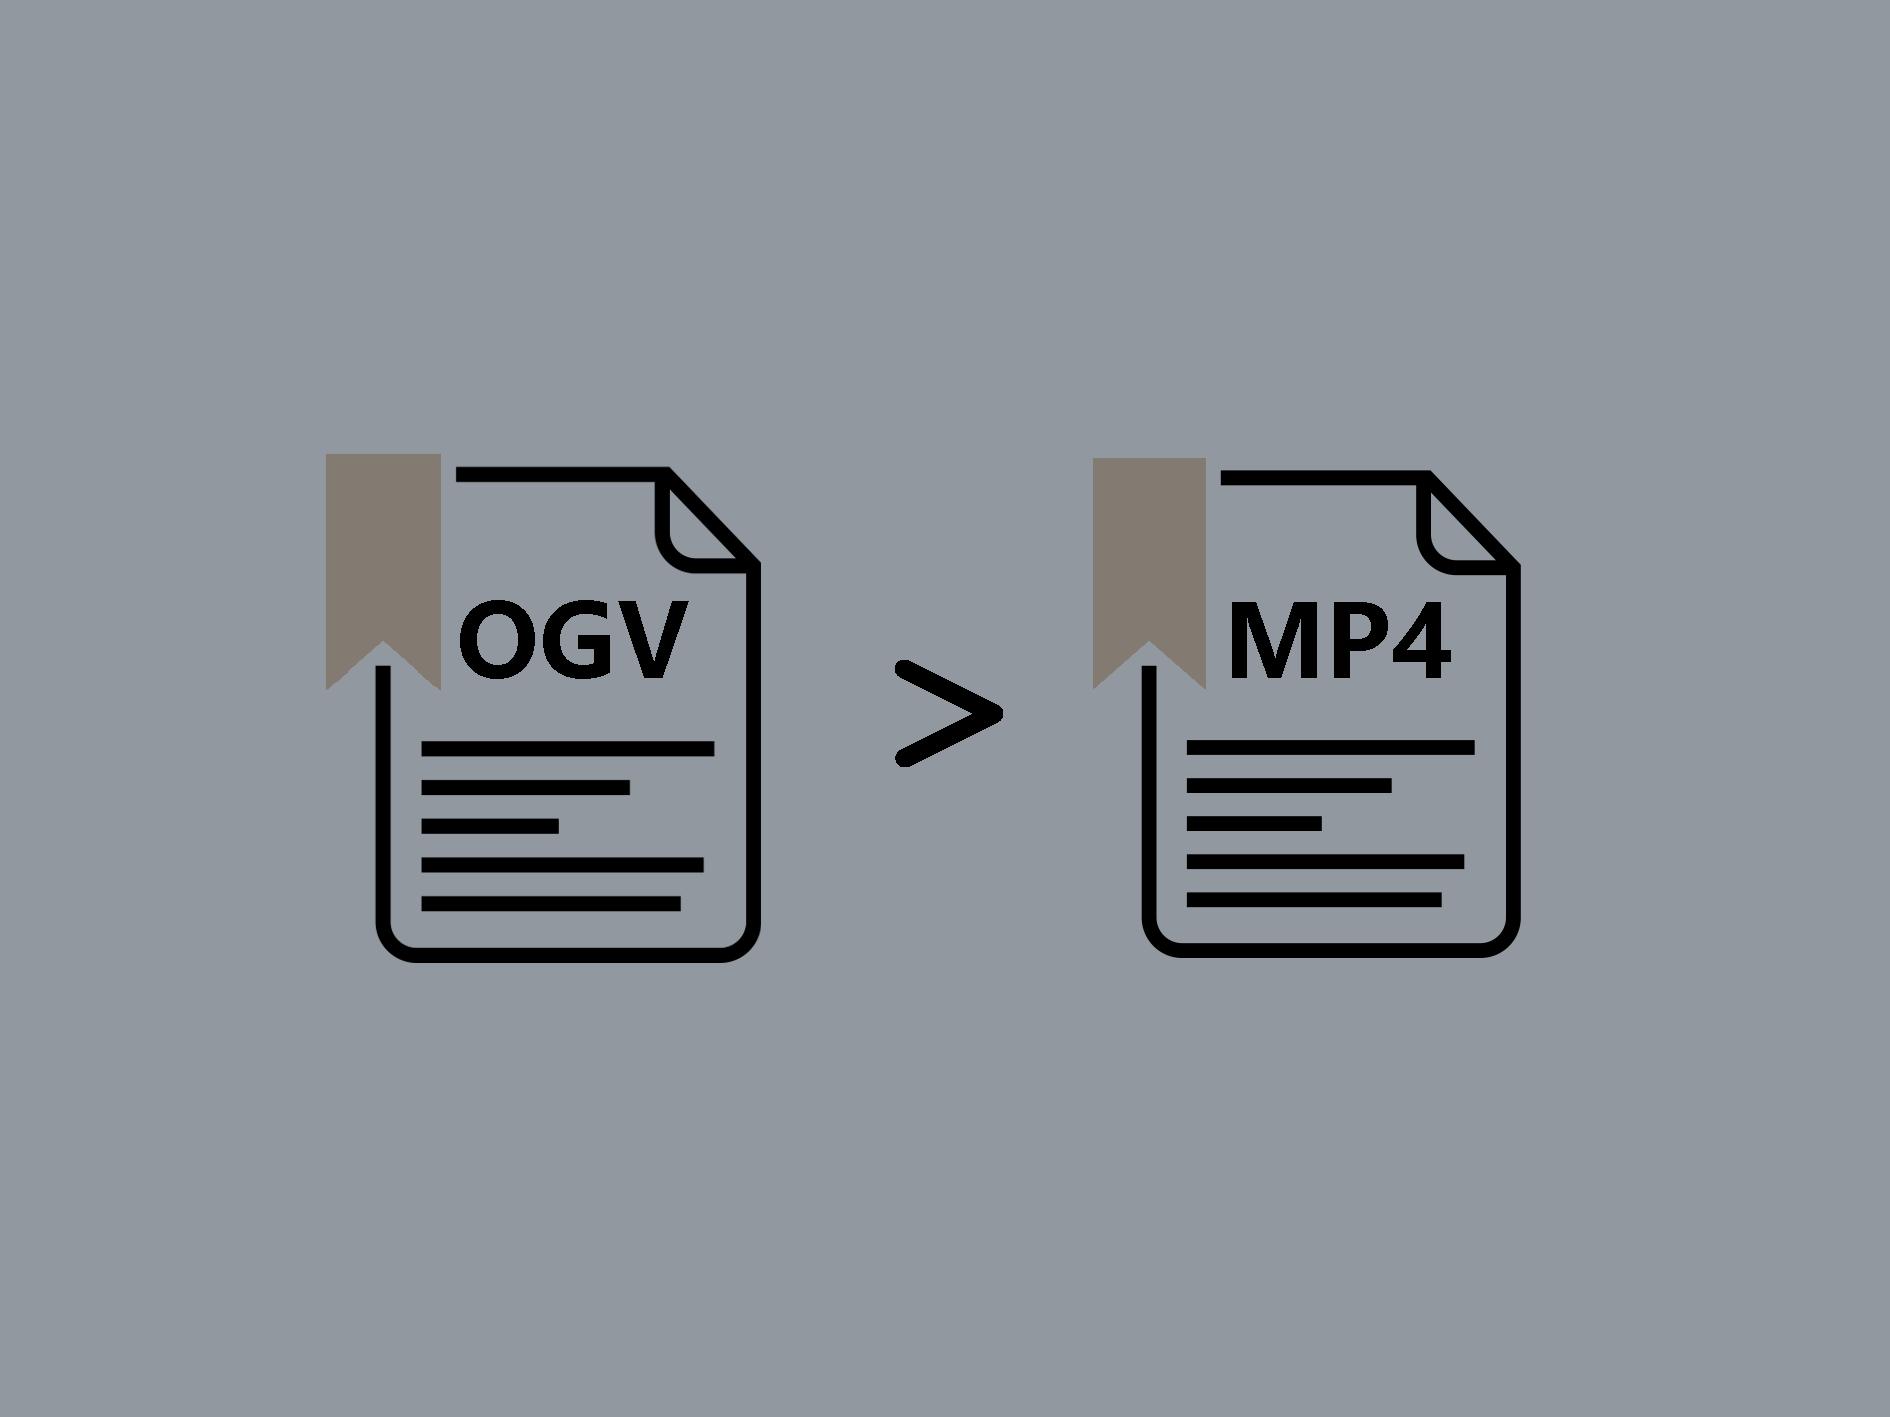 ogvをmp4に変換する